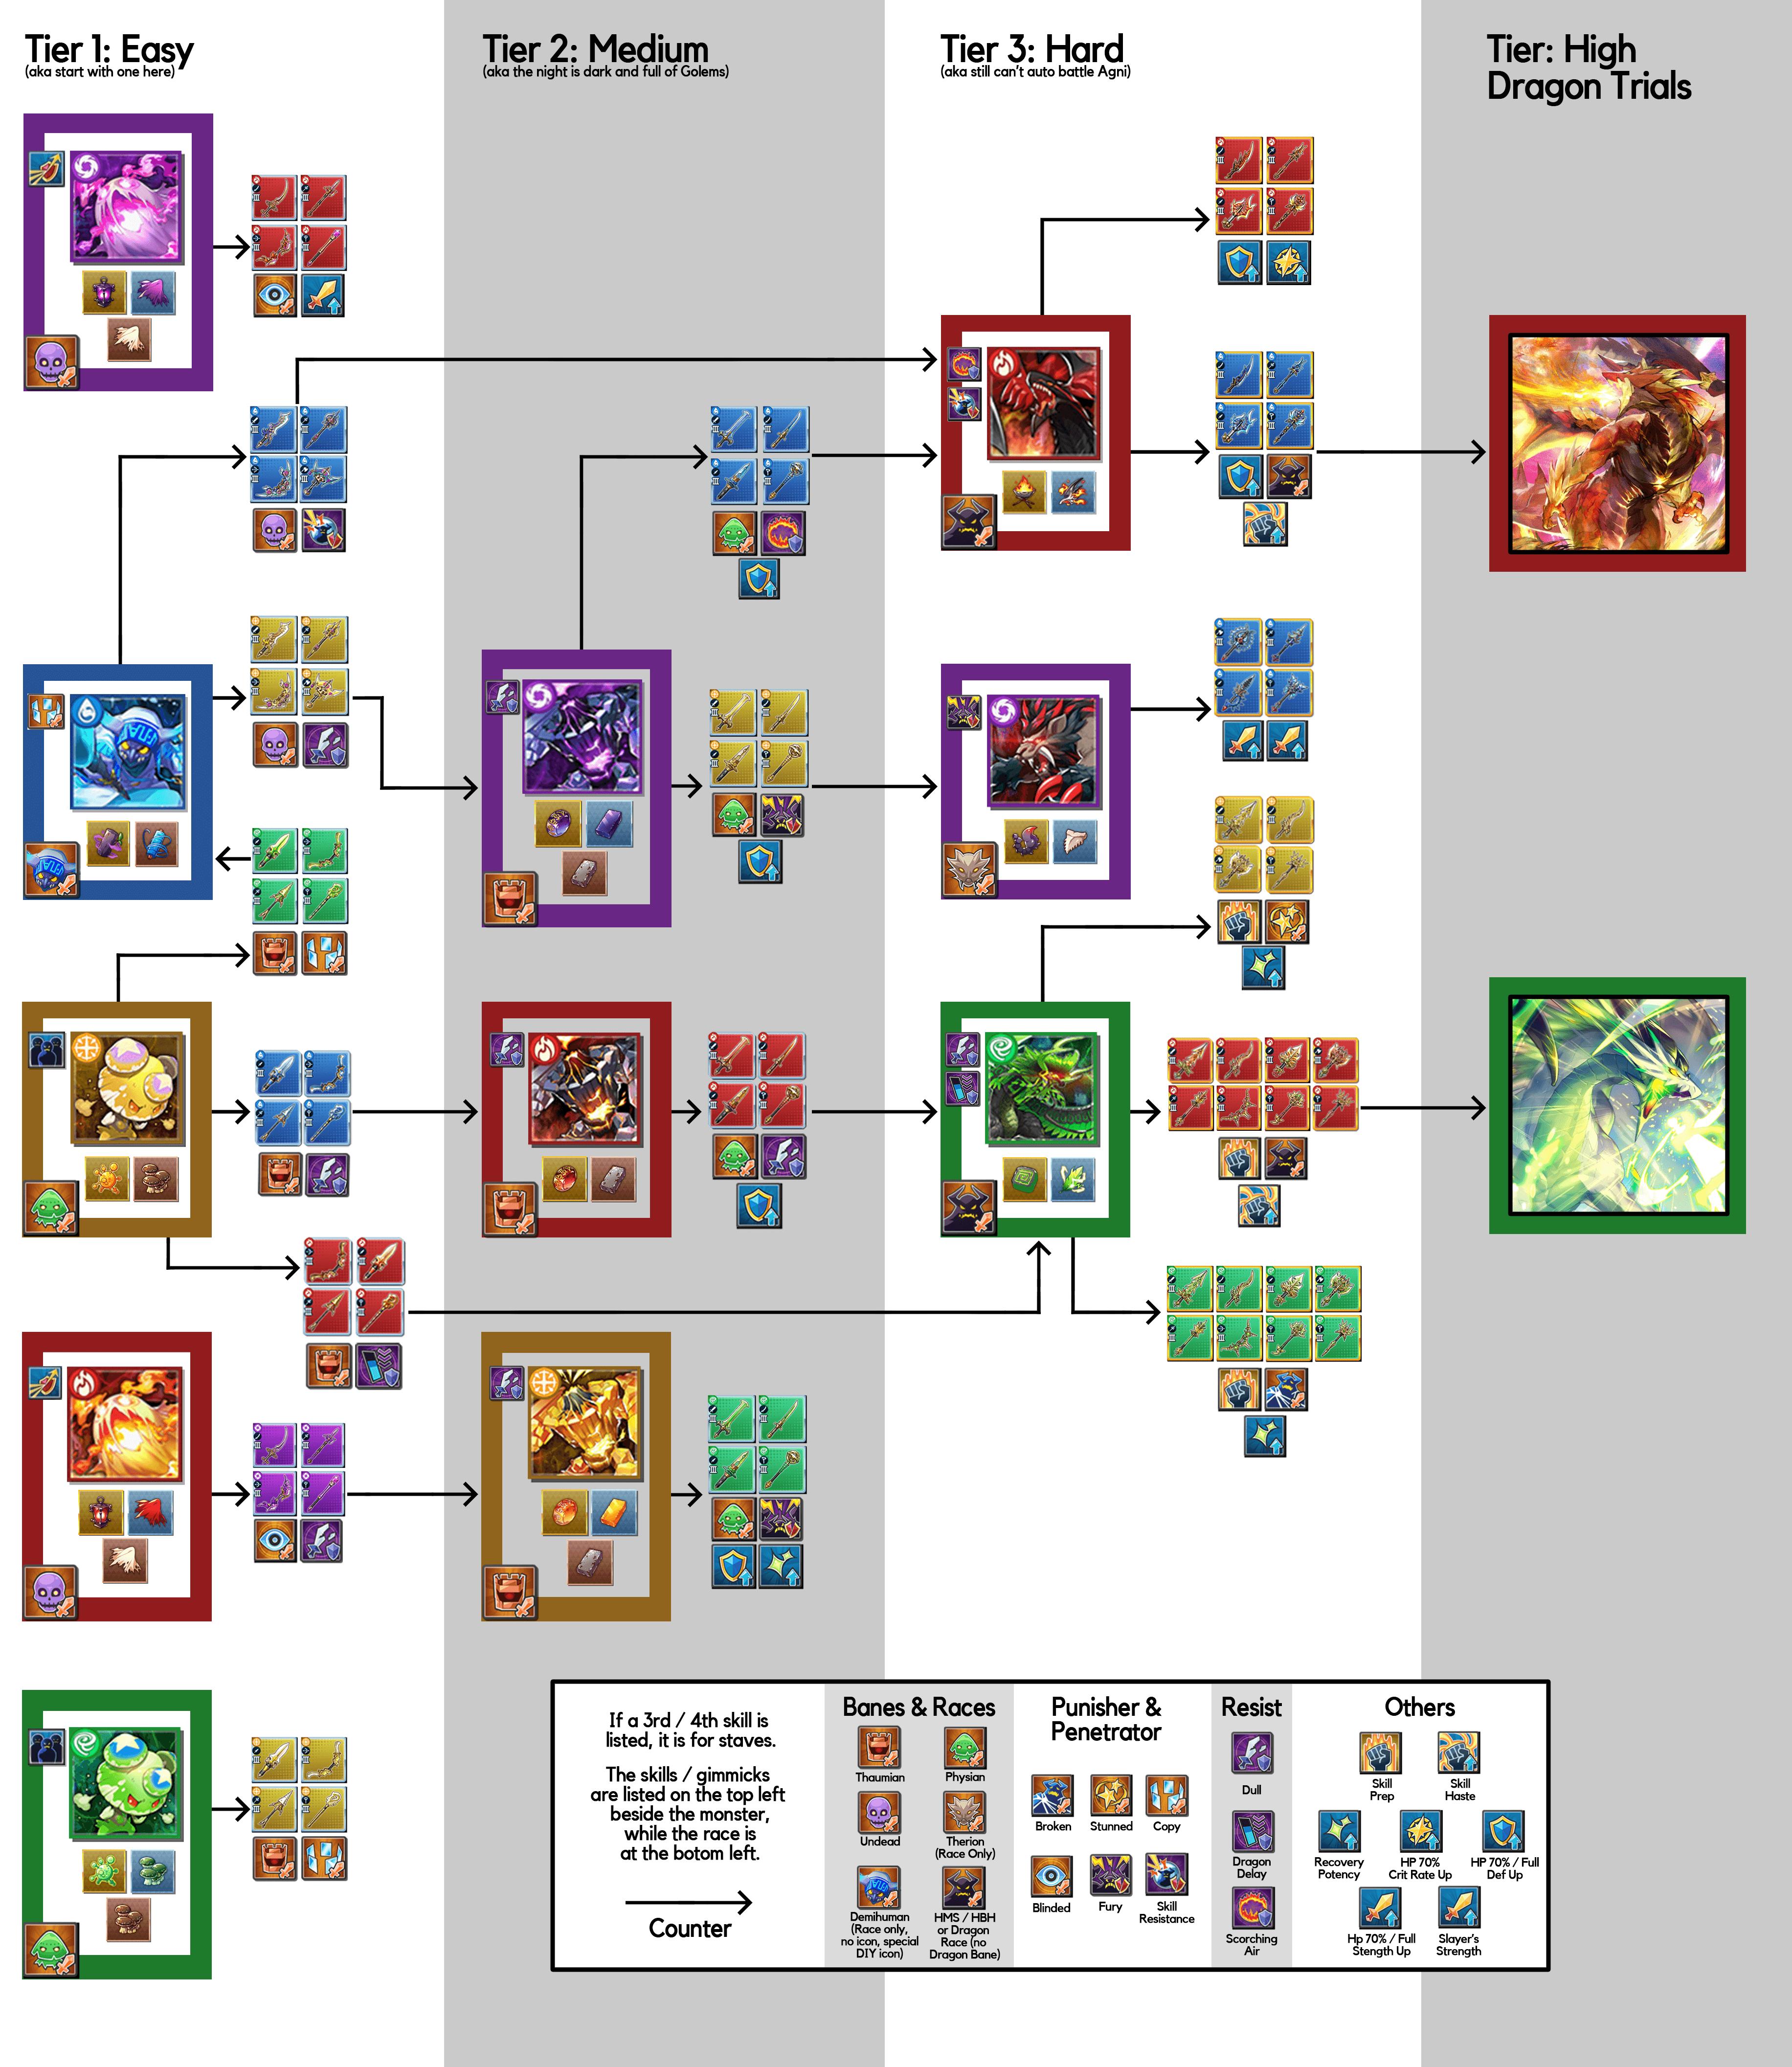 Void Battle Progression | Dragalia Lost Wiki - GamePress